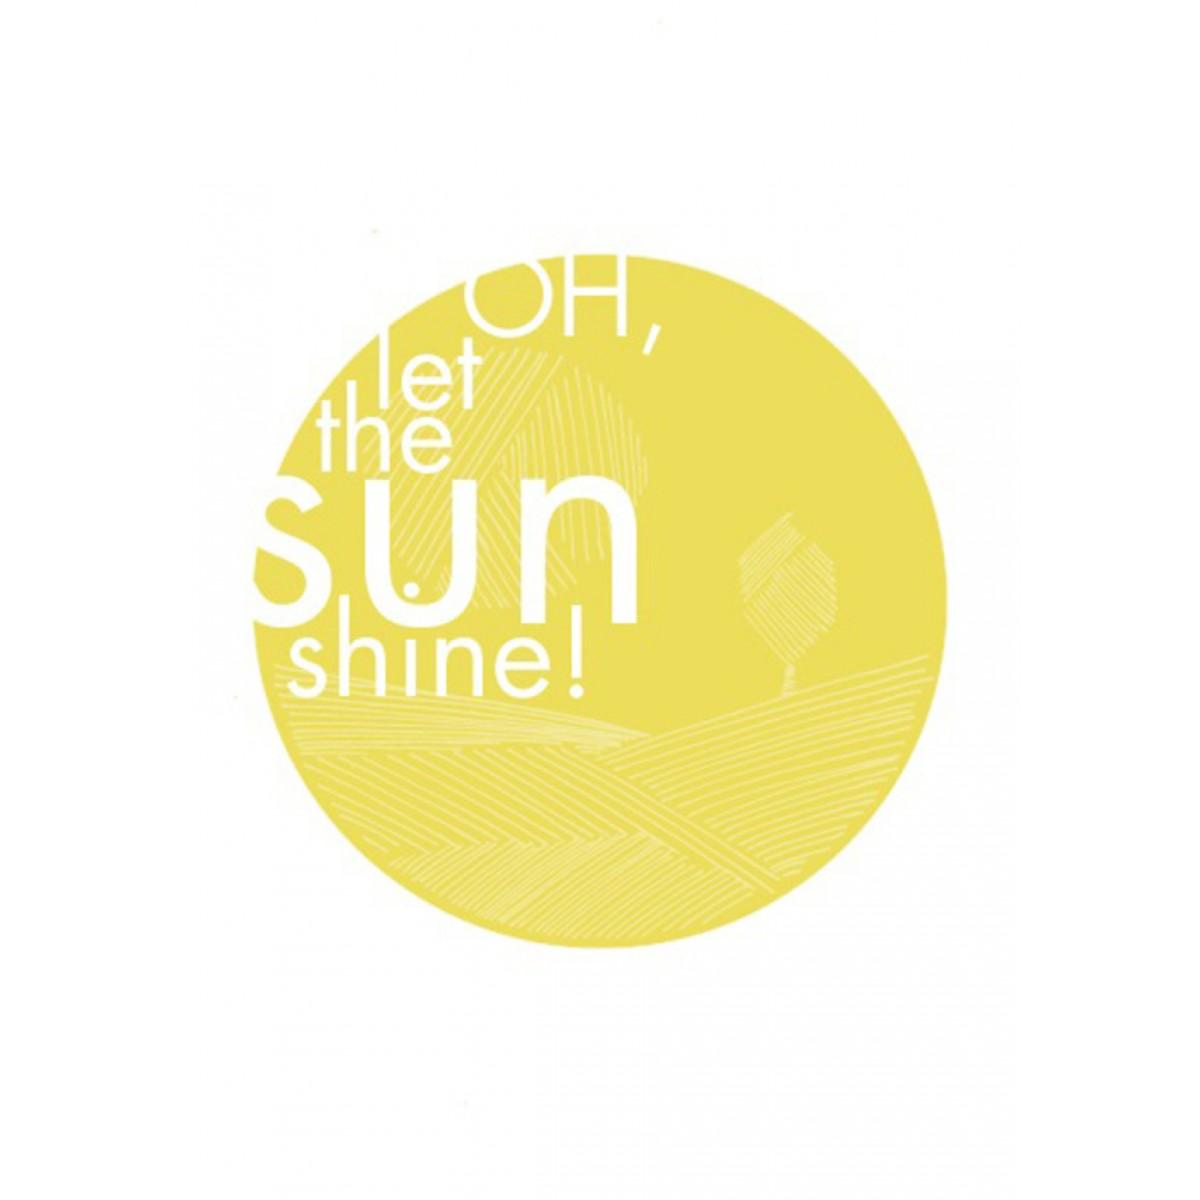 Graue Wintertage, frieren in der Kälte! Brrrr....  OH, let the sun shine! Der Druck, der den Frühling, Vogelgezwitscher, Blüten und frisches Grün, Sonne auf der Nase und gute Laune herbeisehnt.  Zwei Bildebenen: von Weitem sieht man in sonnigem Gelb das t